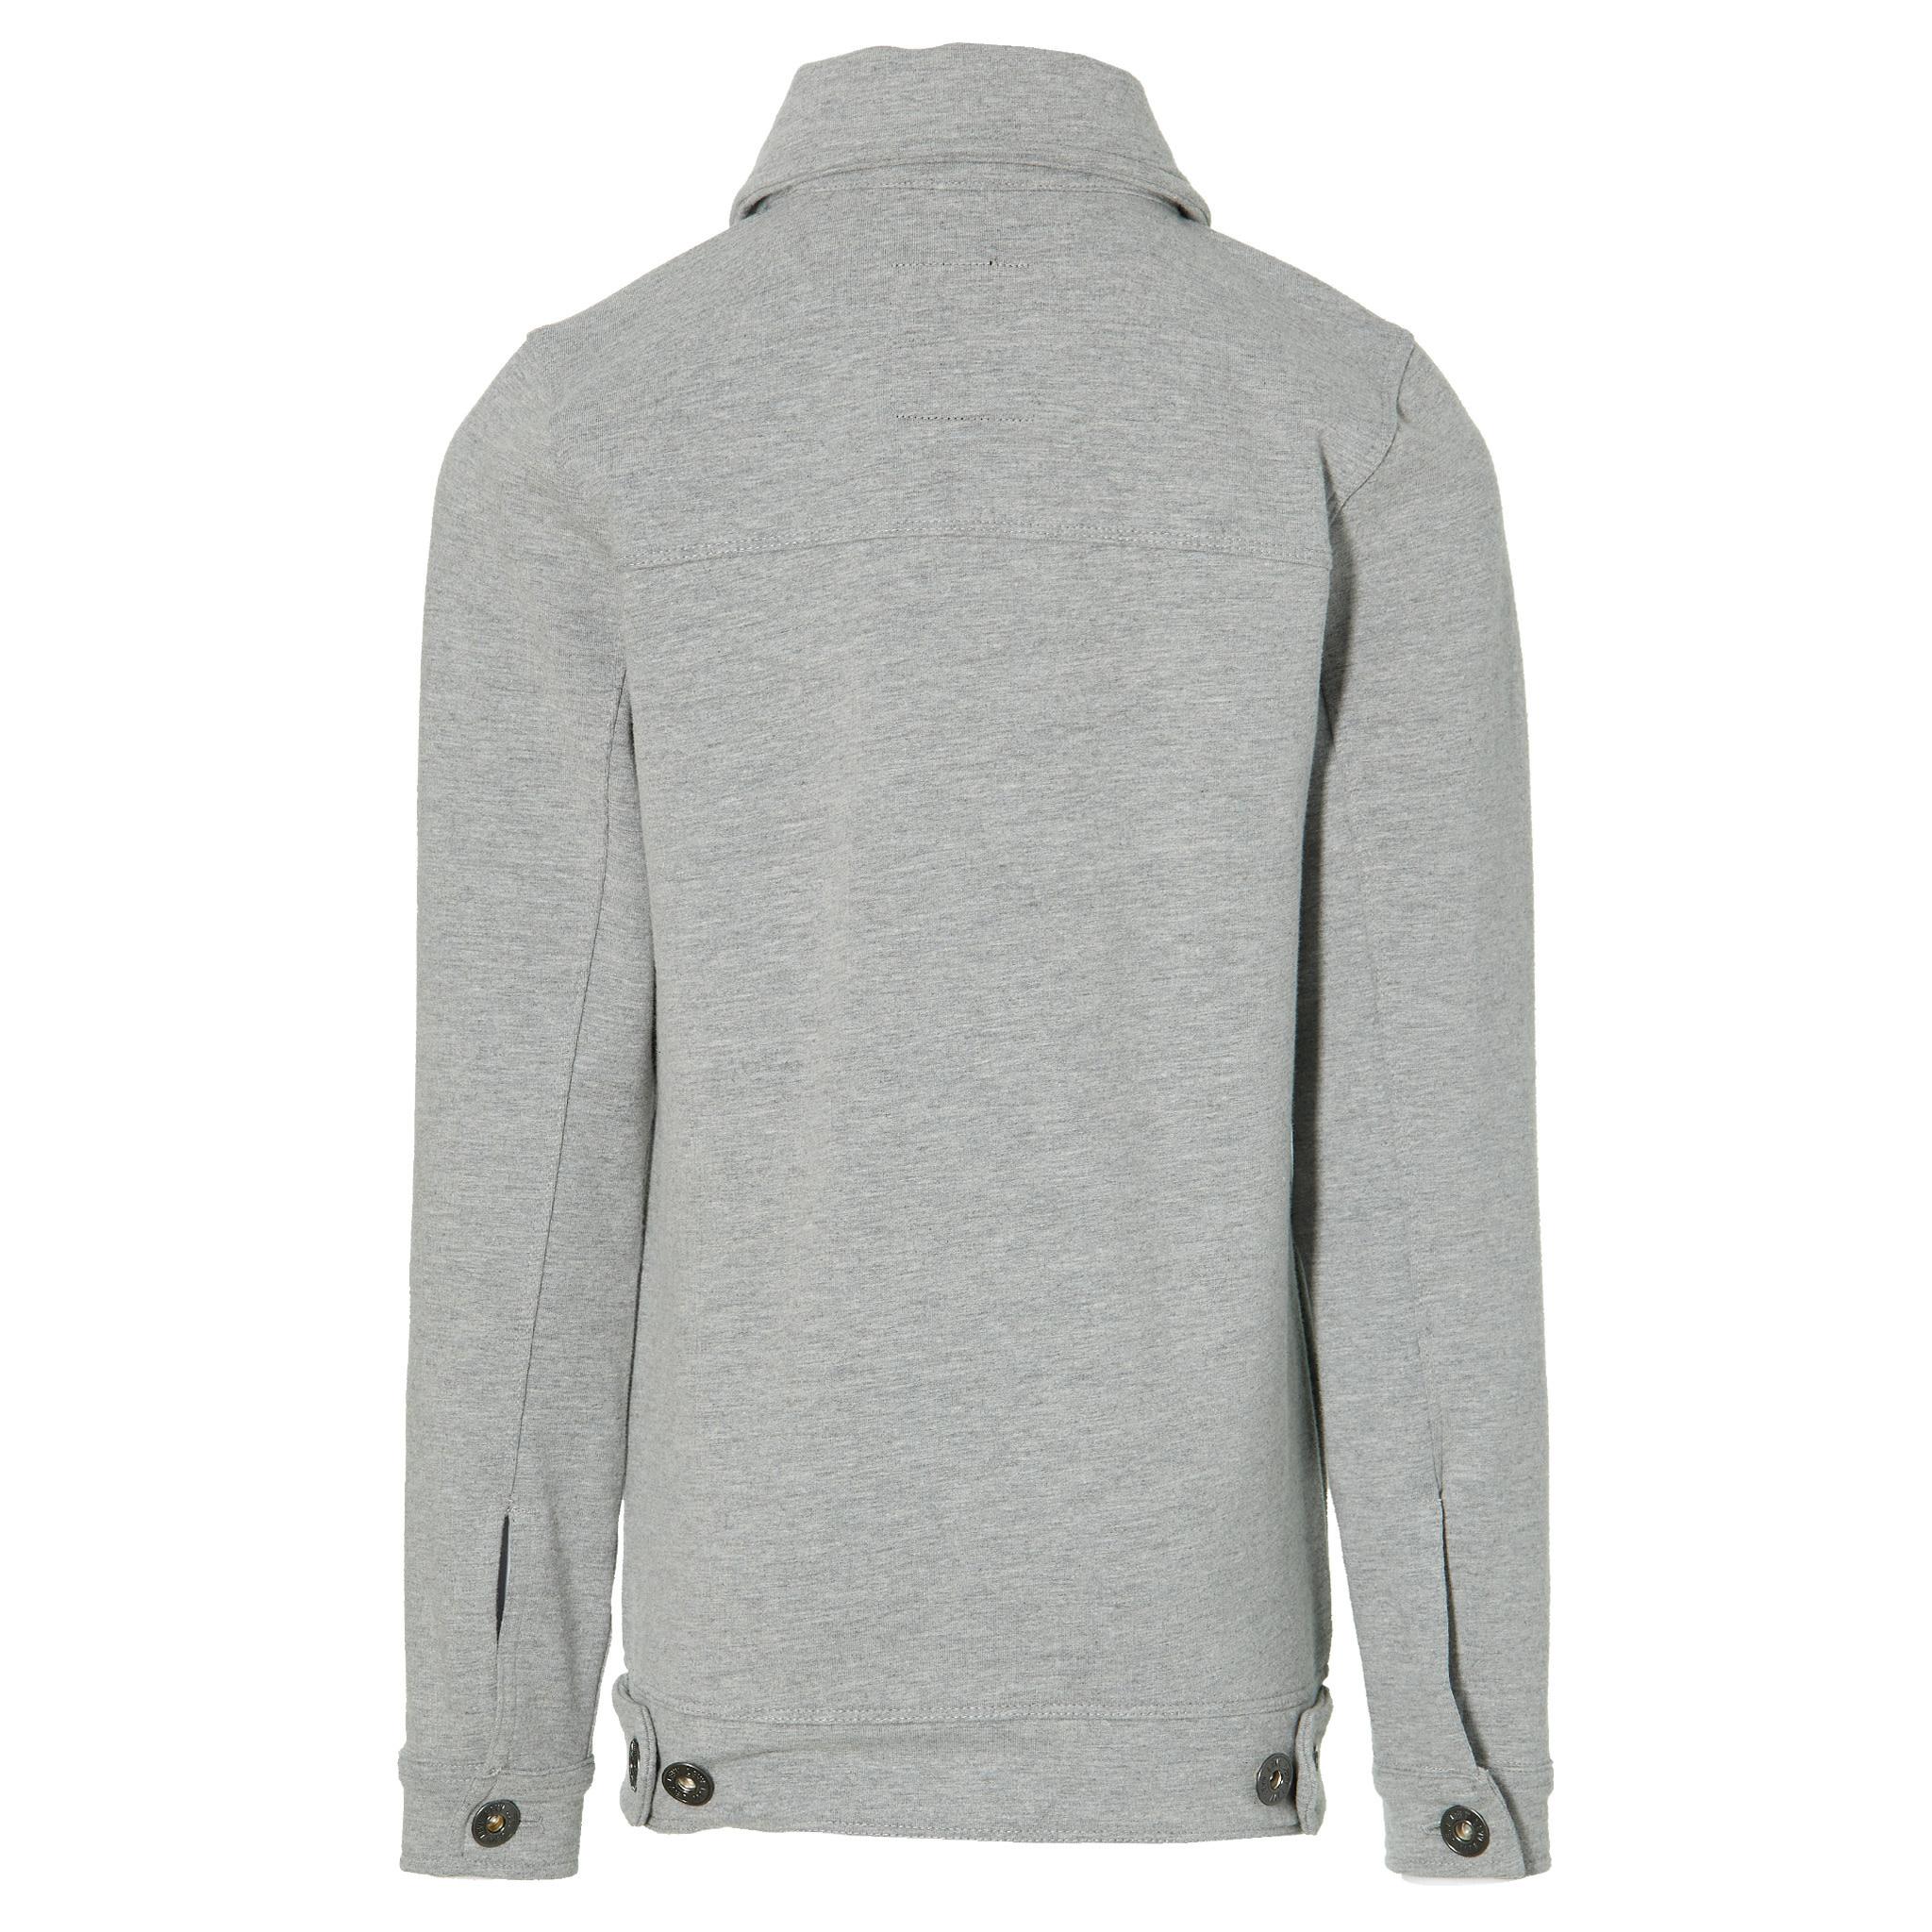 Kiano Jacket